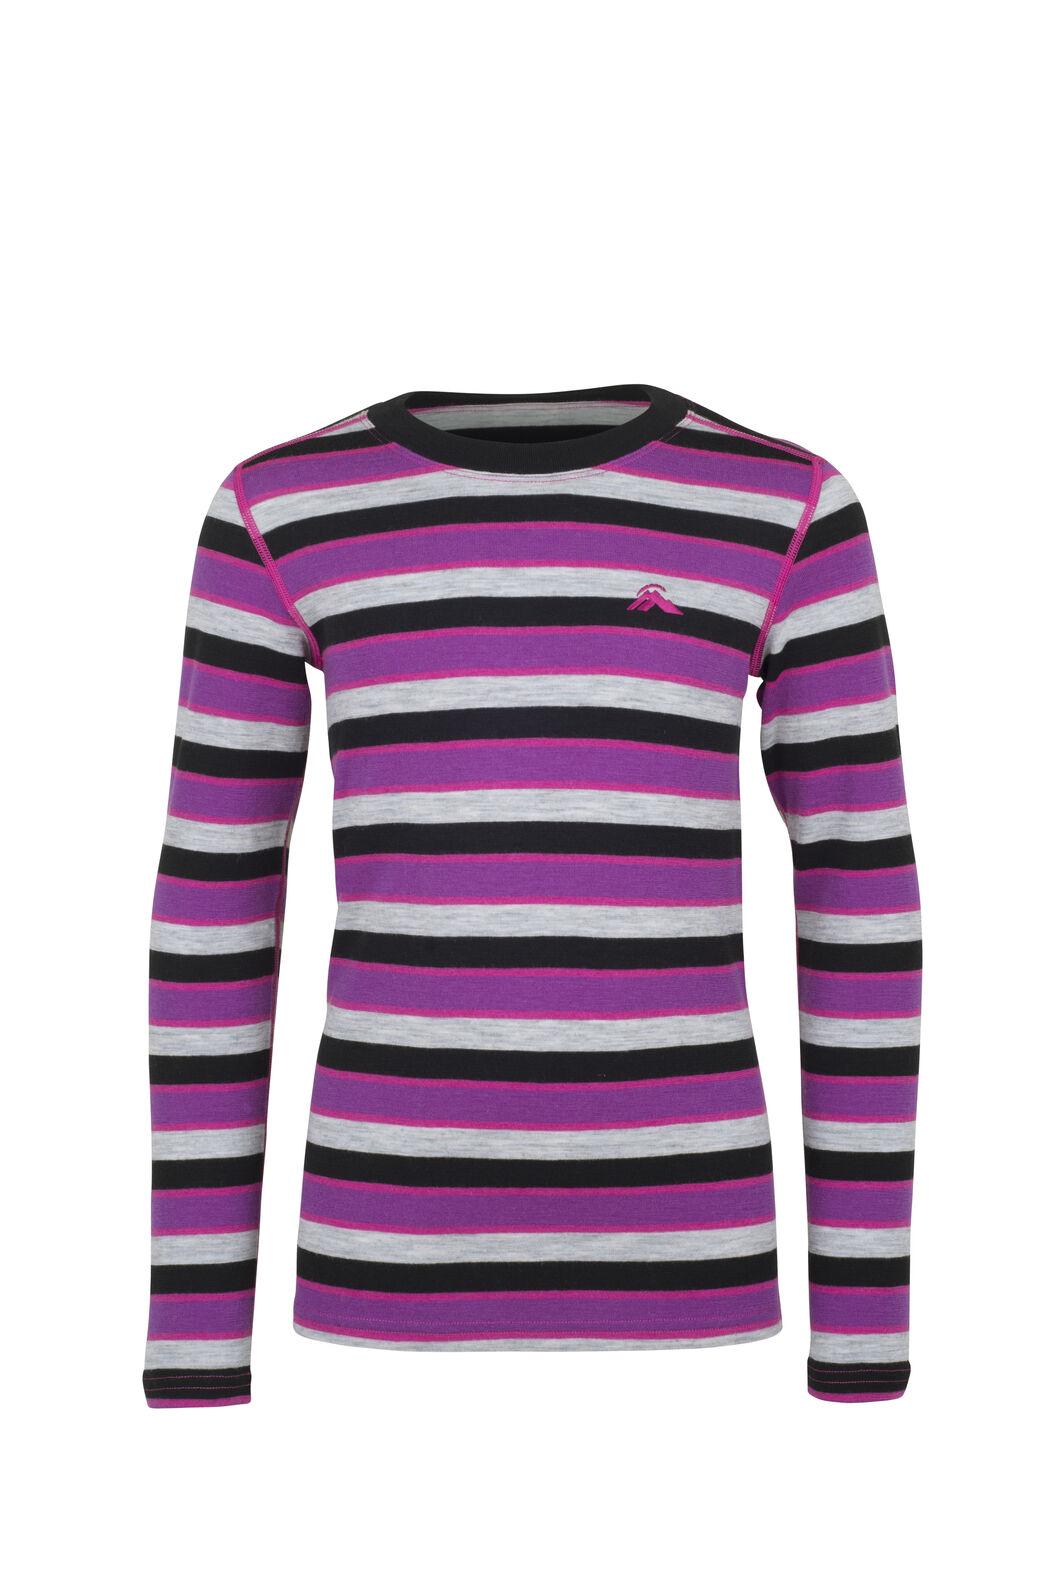 Macpac 220 Merino Long Sleeve Top - Kids', Purple Stripe, hi-res